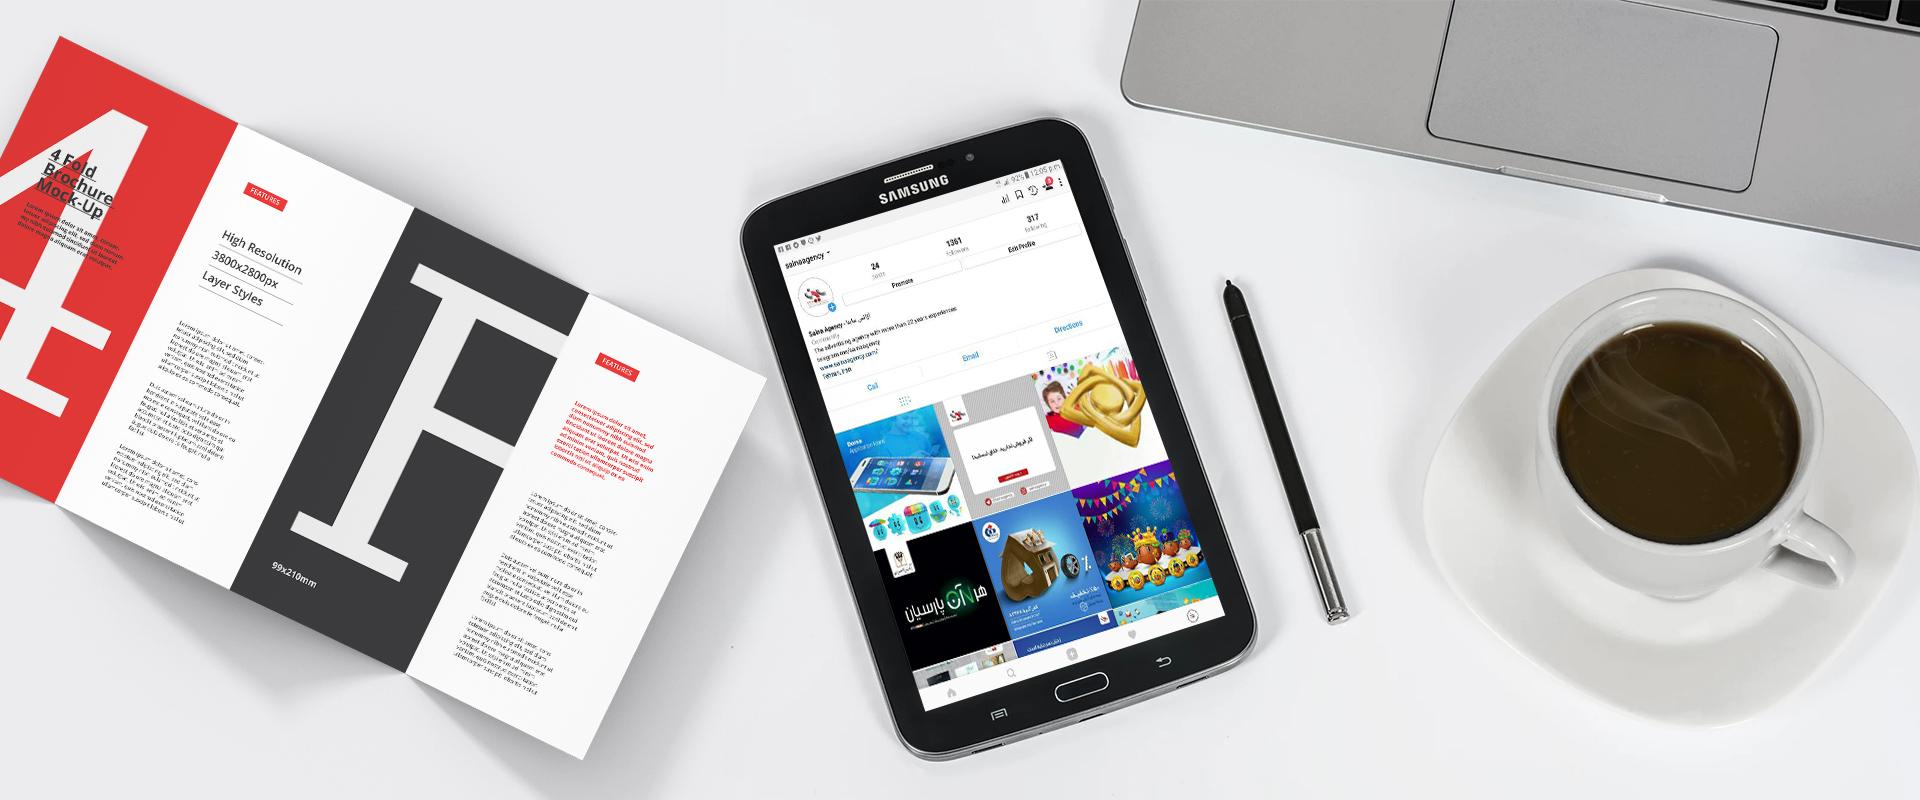 روش های مختلف بازاریابی در رسانه